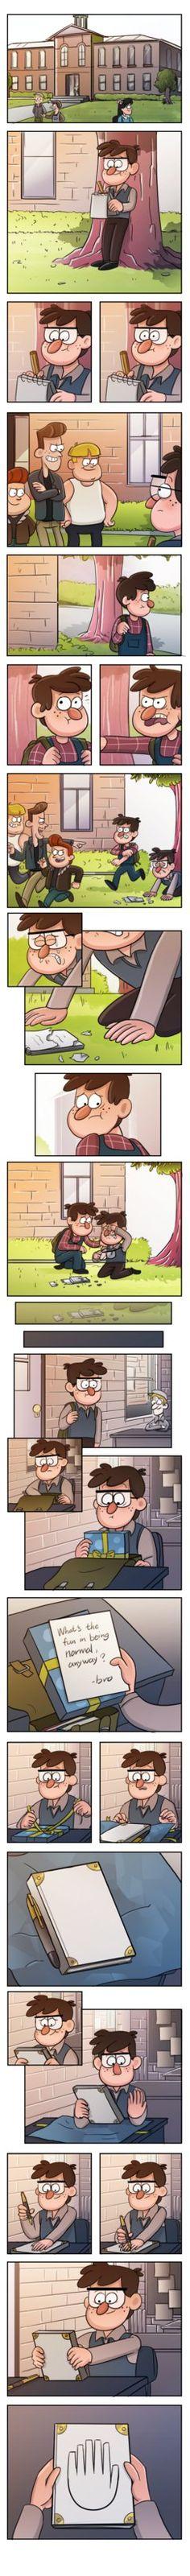 esse comic me mostrou a amizade entre dois irmaos   PS:e tambem uma forma que poderia ter surgido o diario 3 mas como a serie ja acabou entao ne nao podemos fazer nada